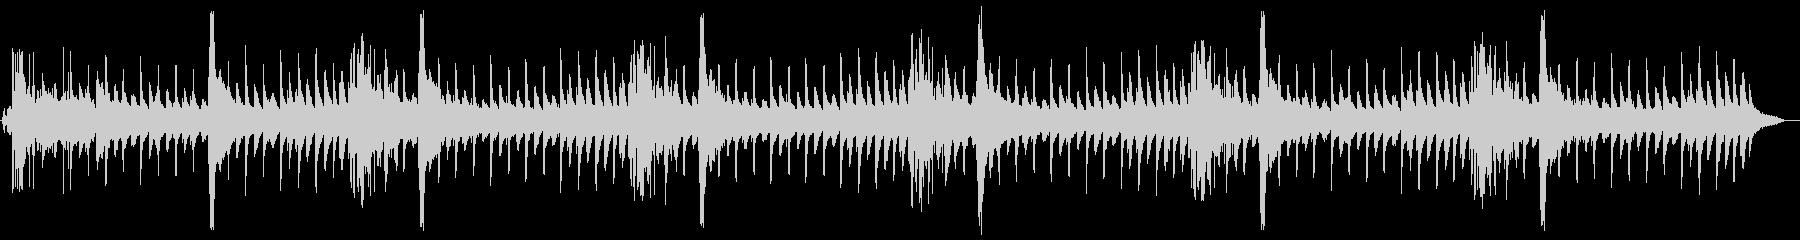 ハロウィンの怪しいBGMの未再生の波形